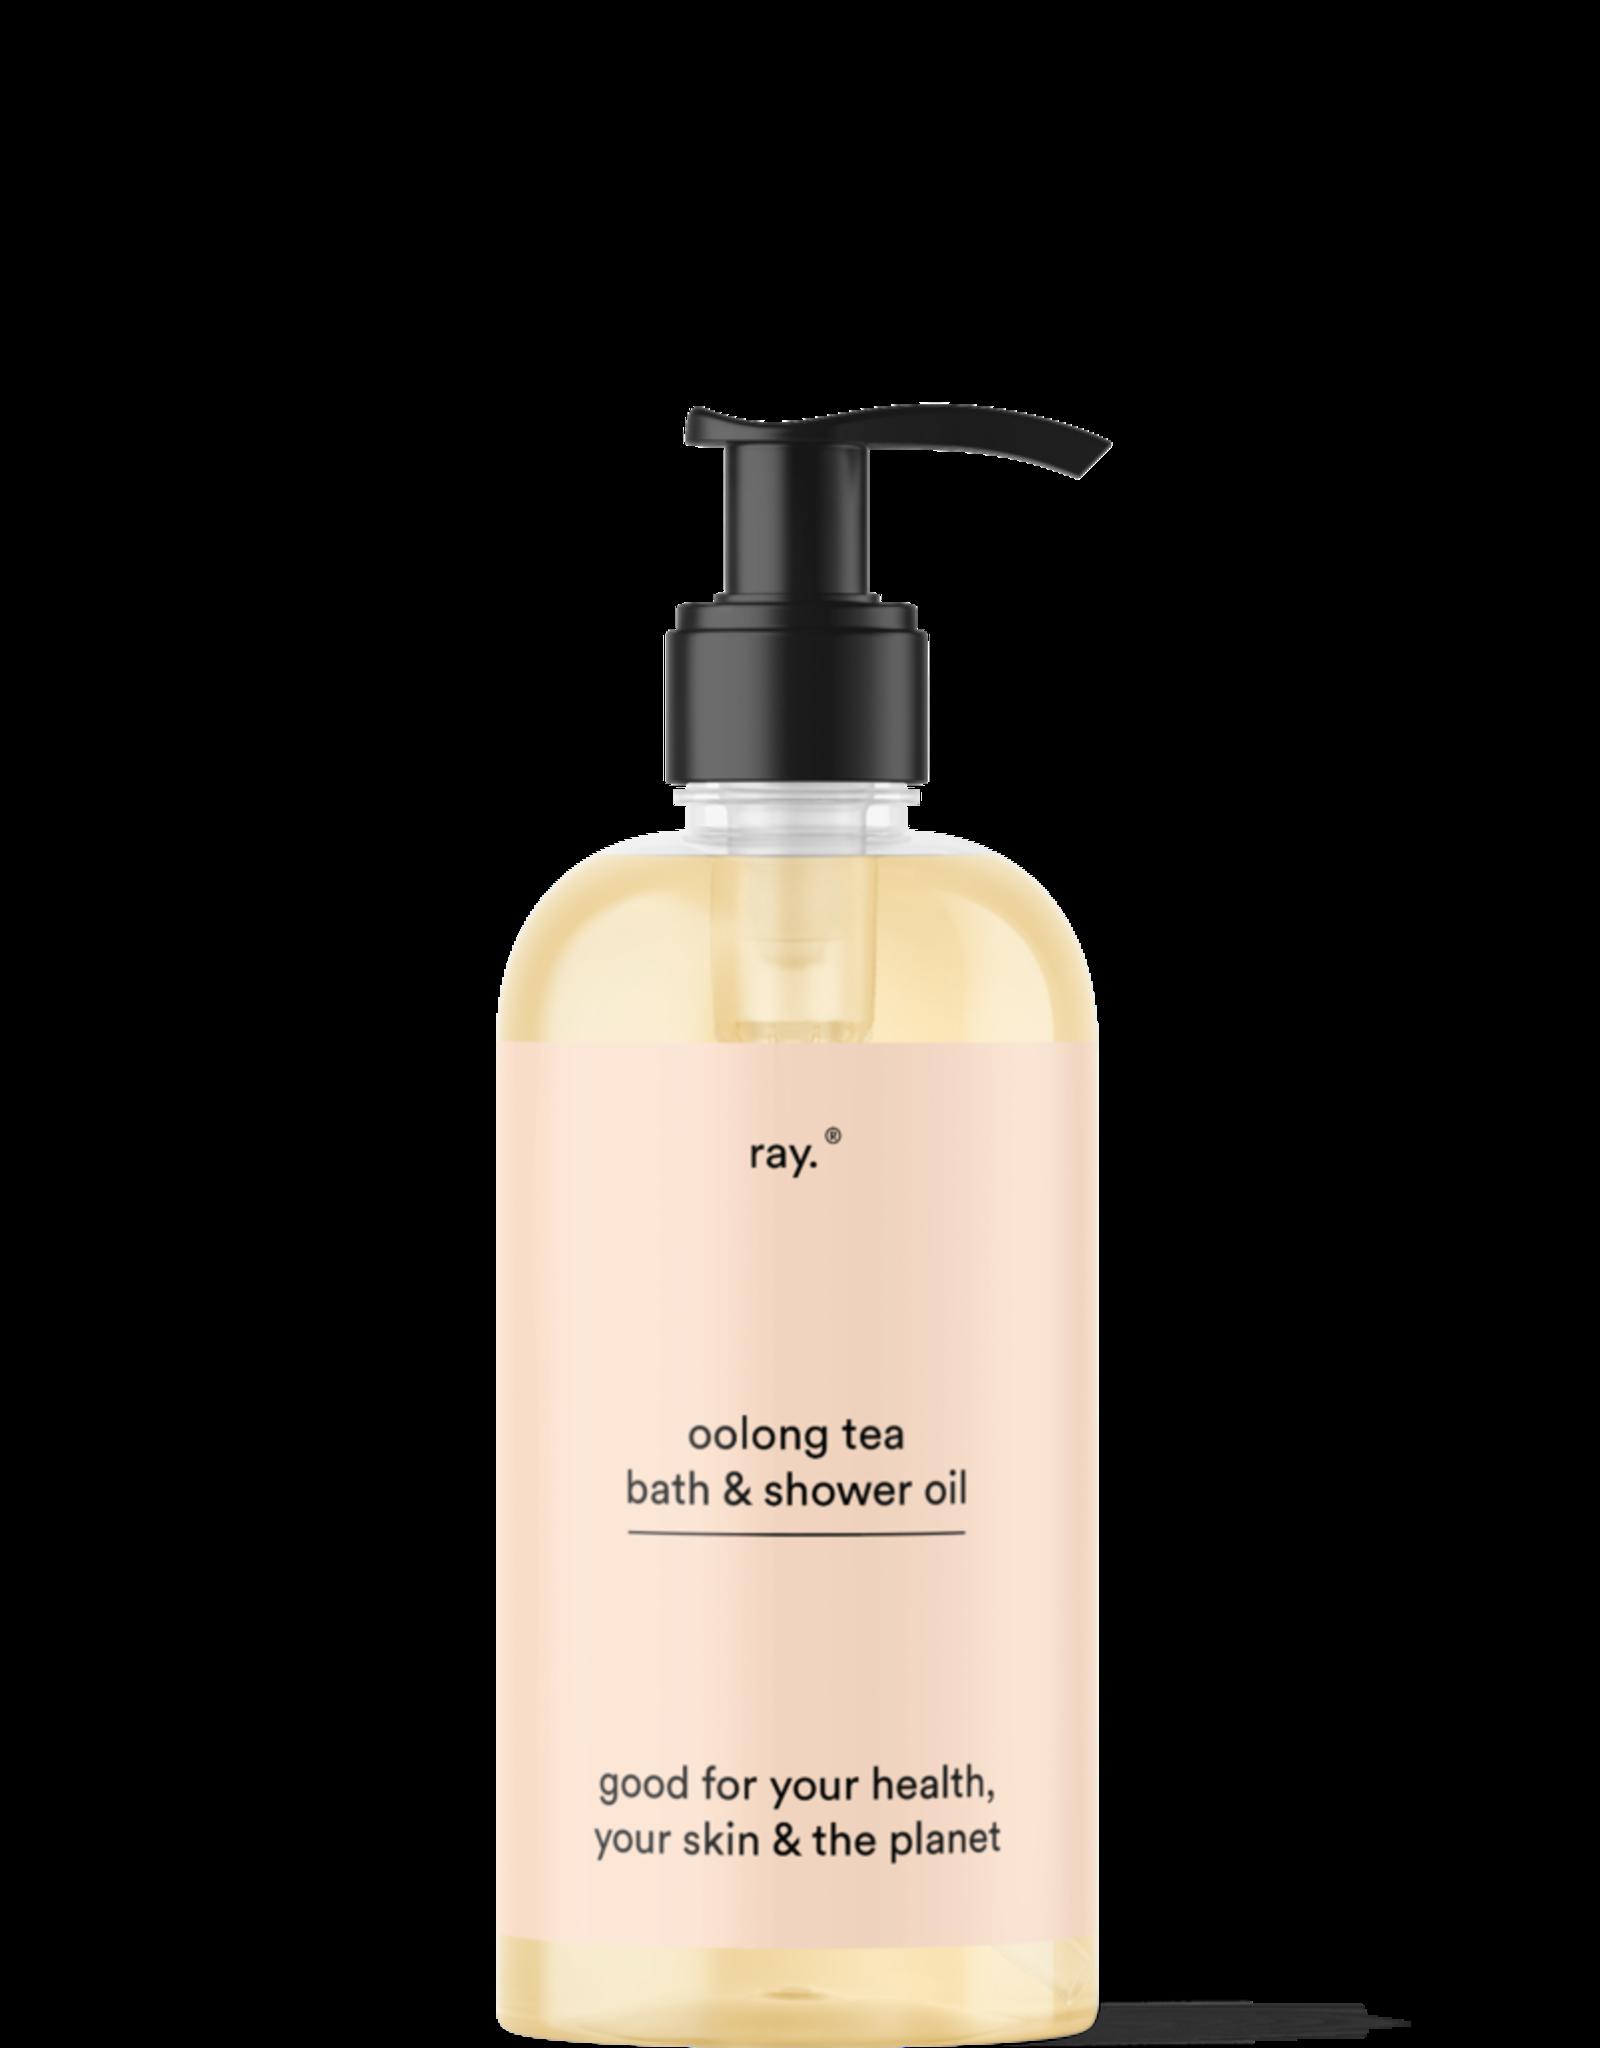 ray Ray. Bath & Shower Oil - 250ml - Oolong Tea